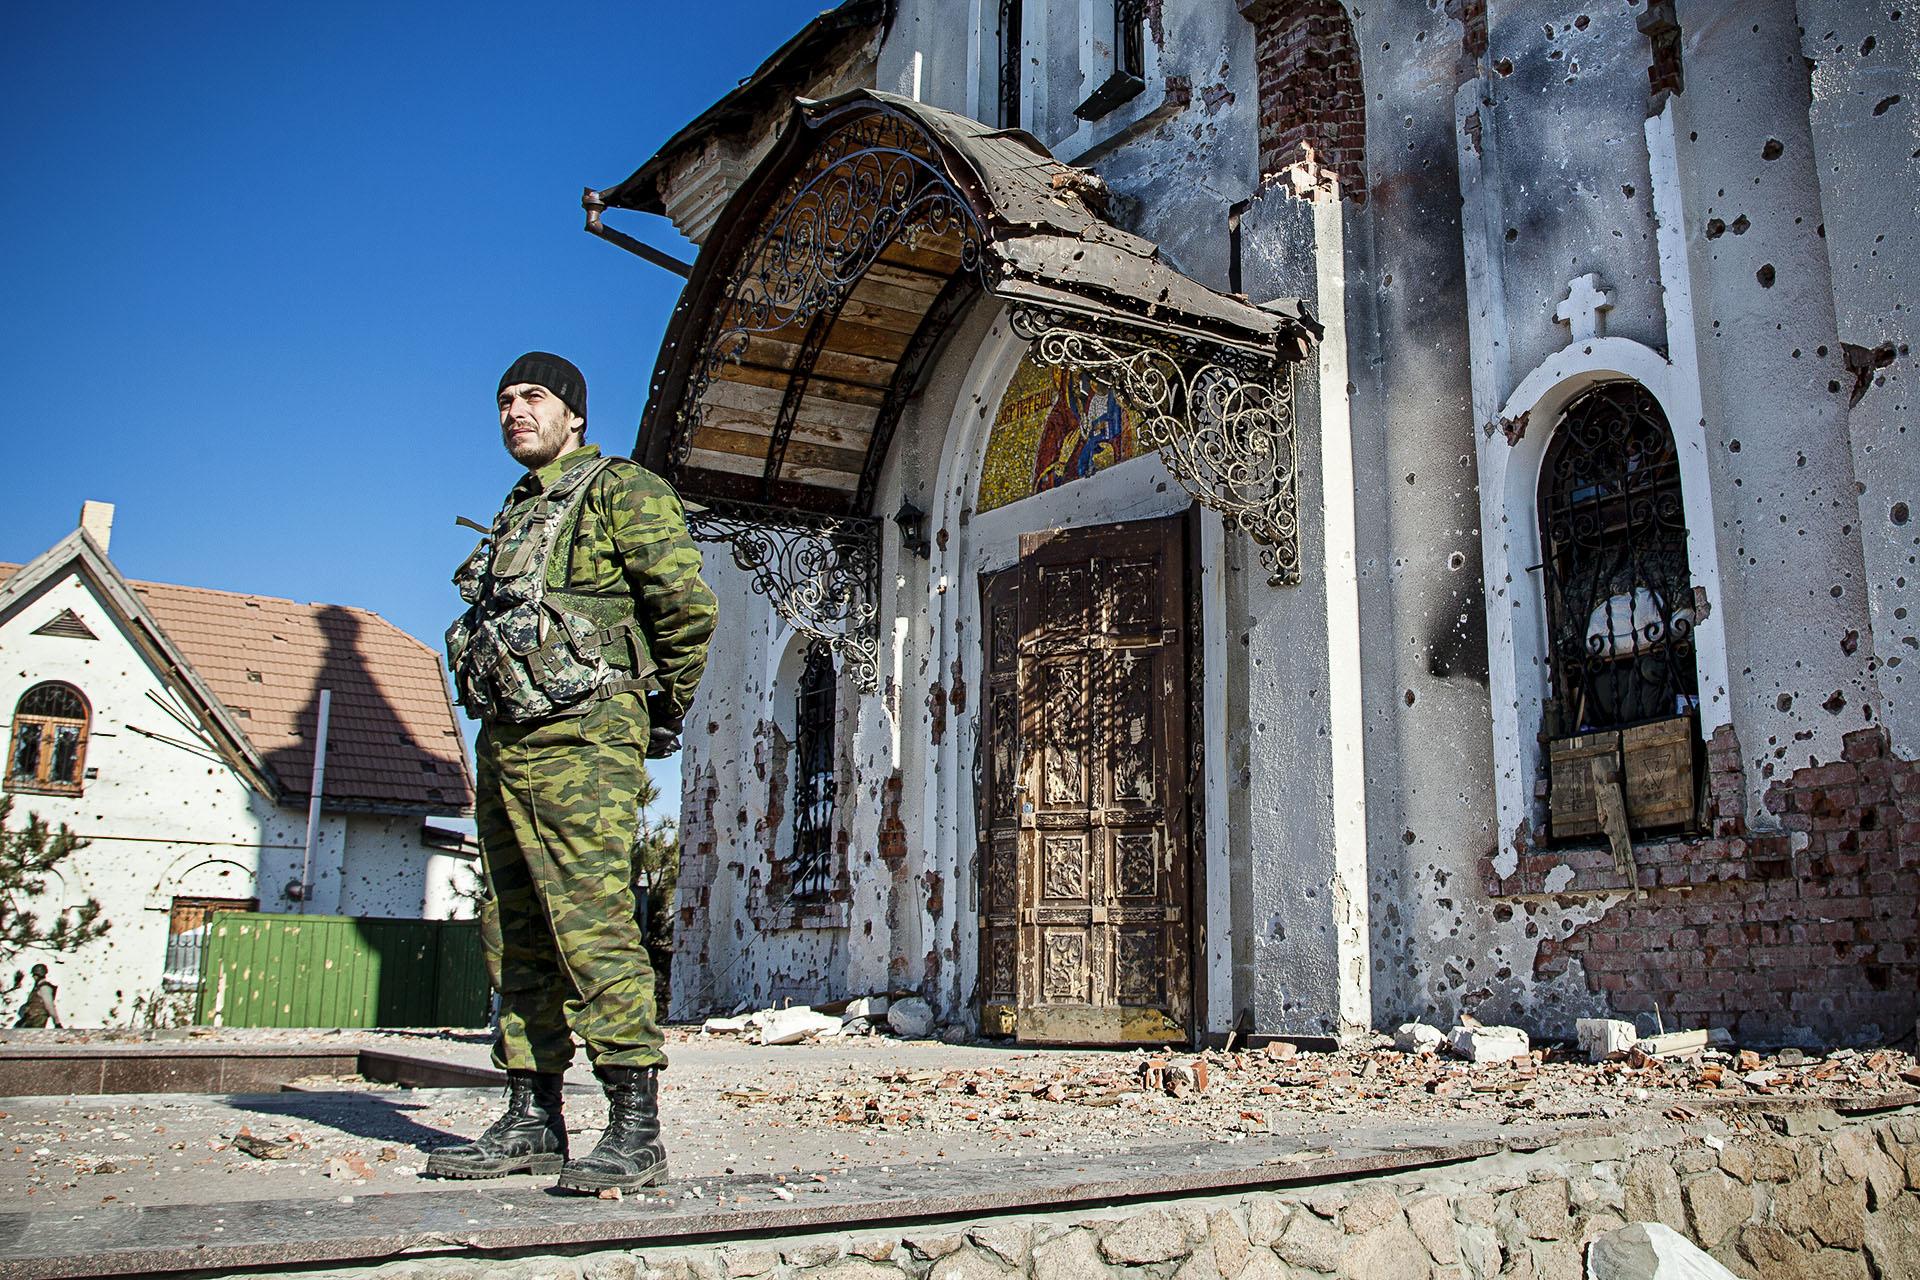 La iglesia próxima al aeropuerto quedó muy dañada por los enfrentamientos